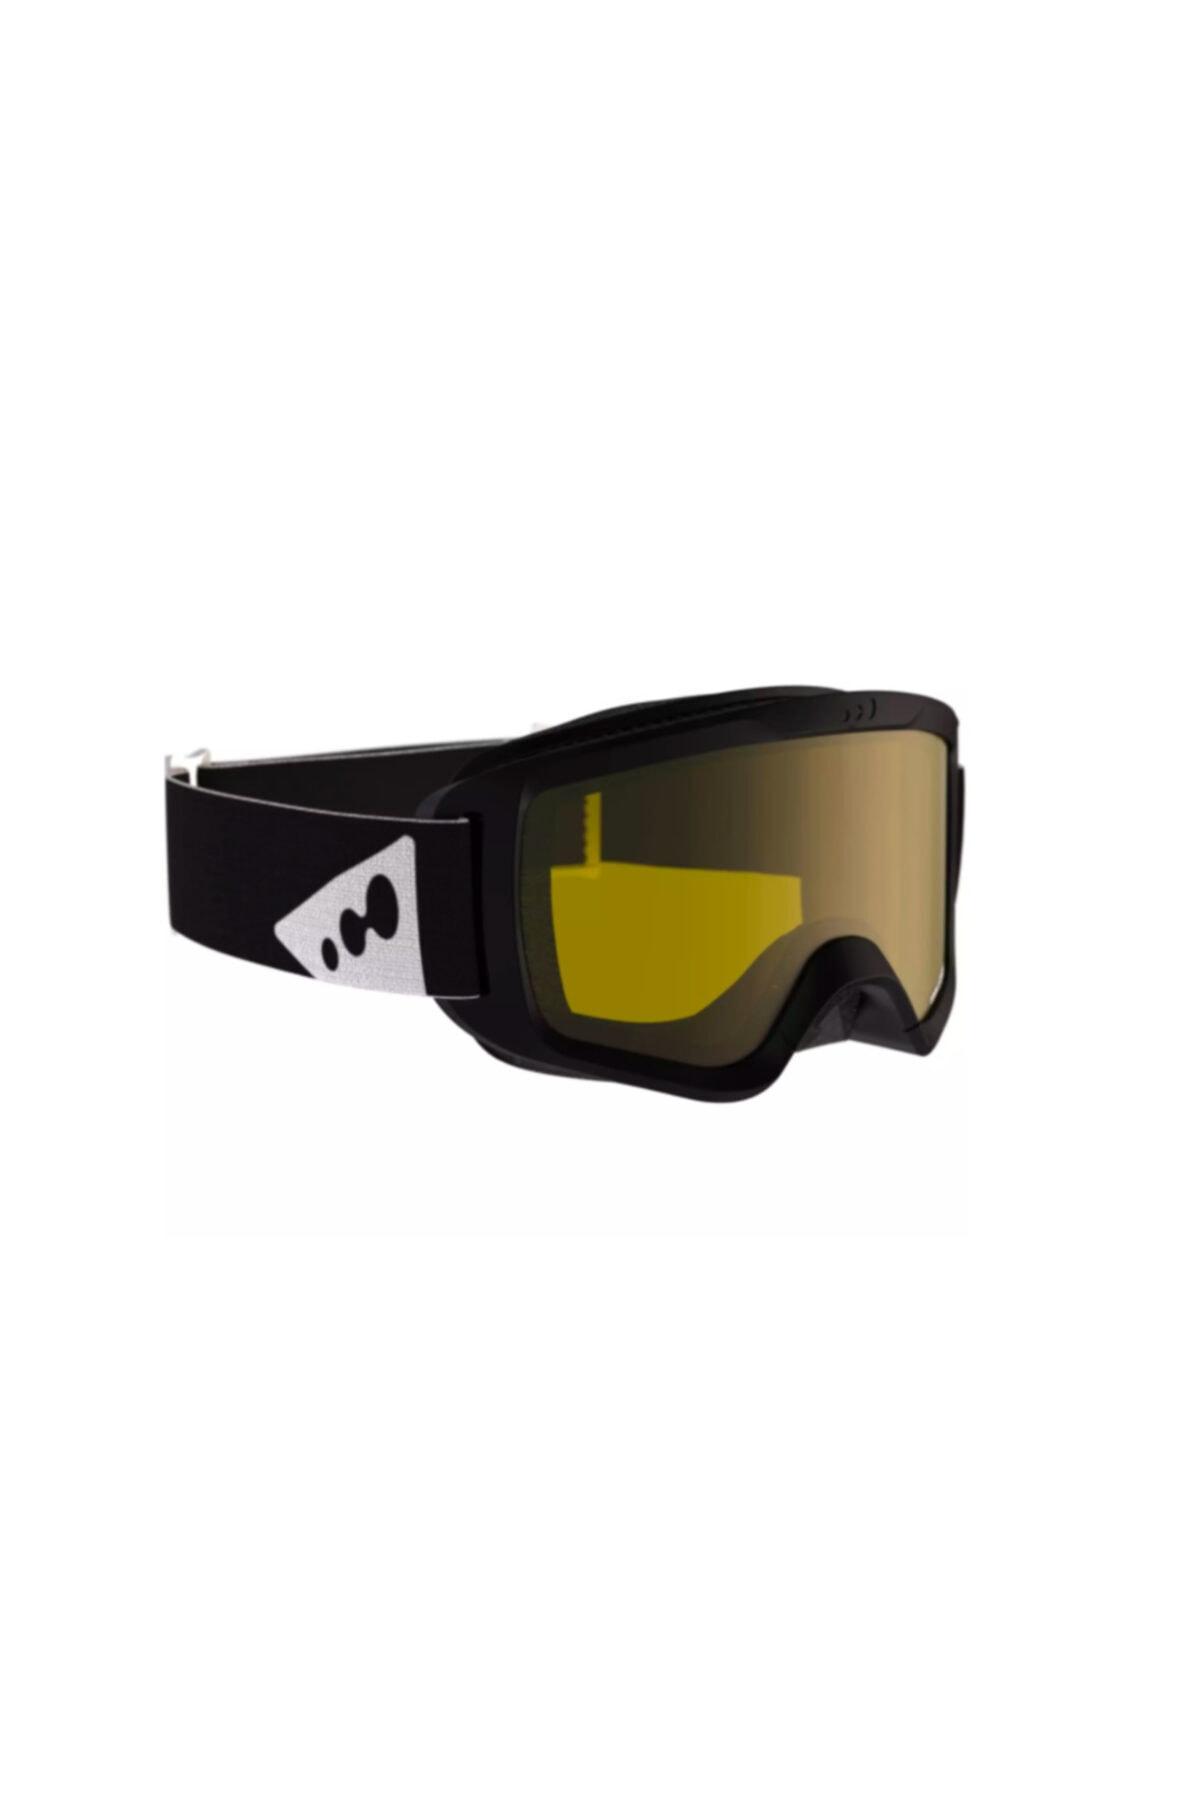 WEDZE Kayak / Snowboard Gözlüğü - Çocuk - Siyah - G120 S1 2